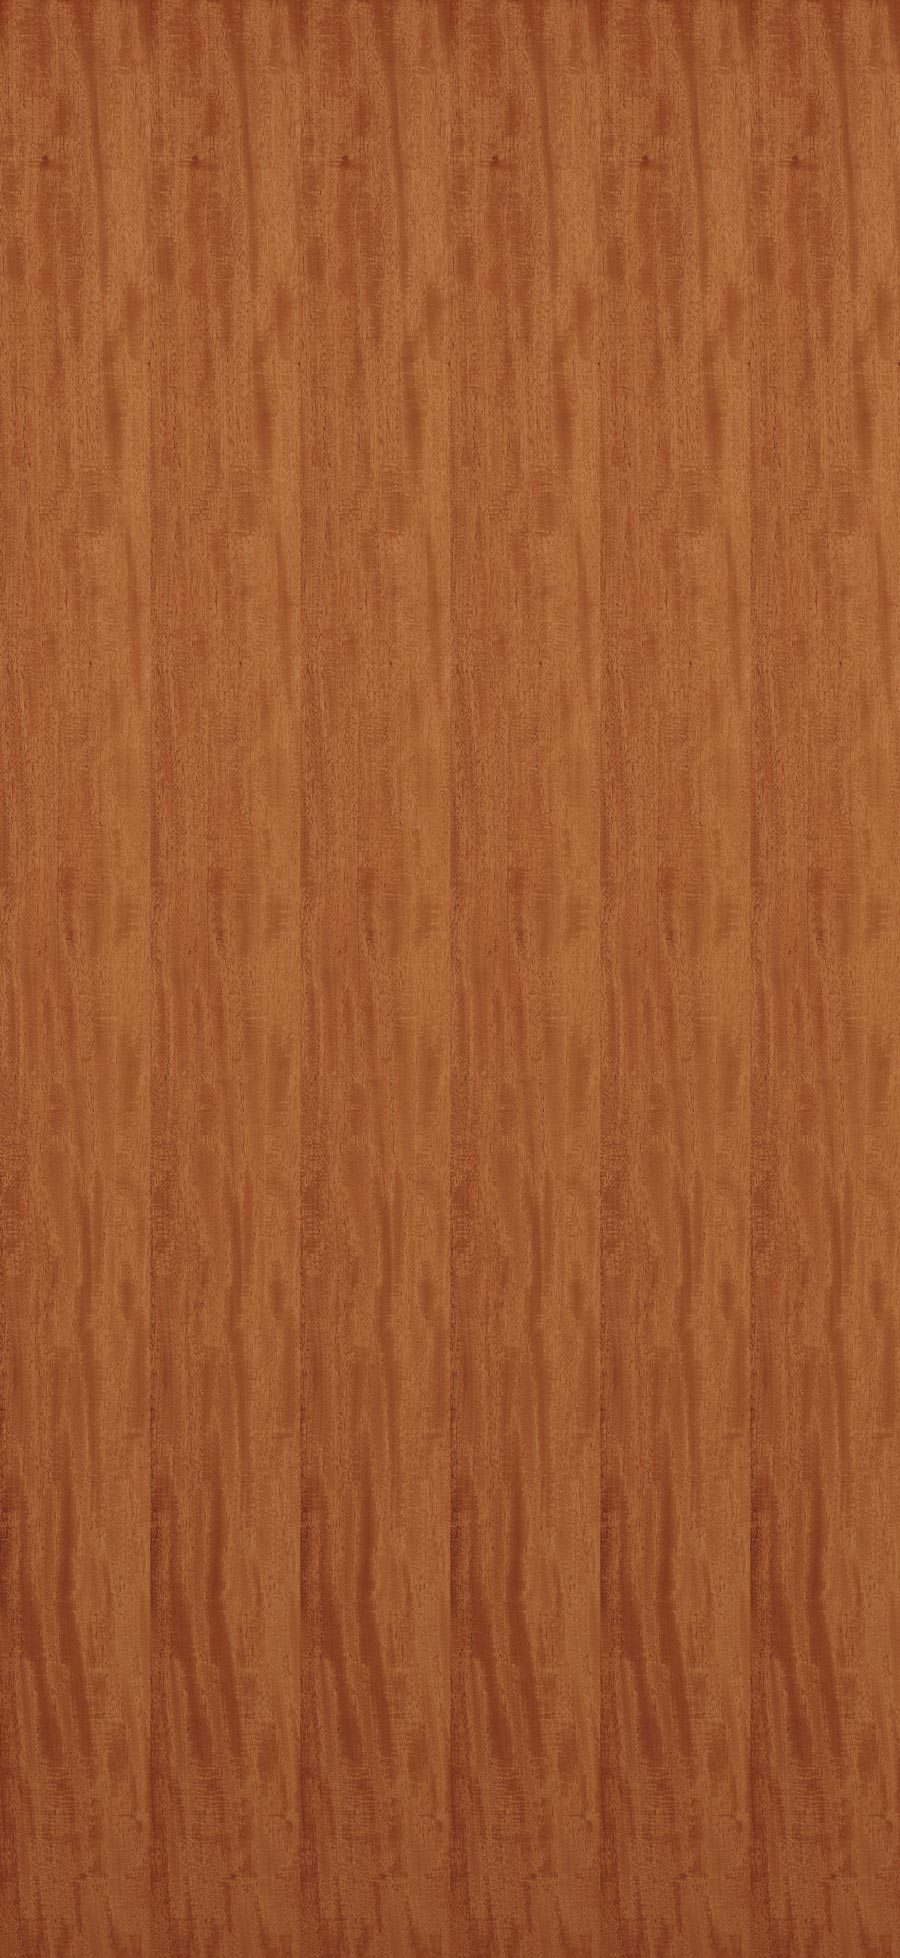 Mahogany South American Veneer Dooge Veneers